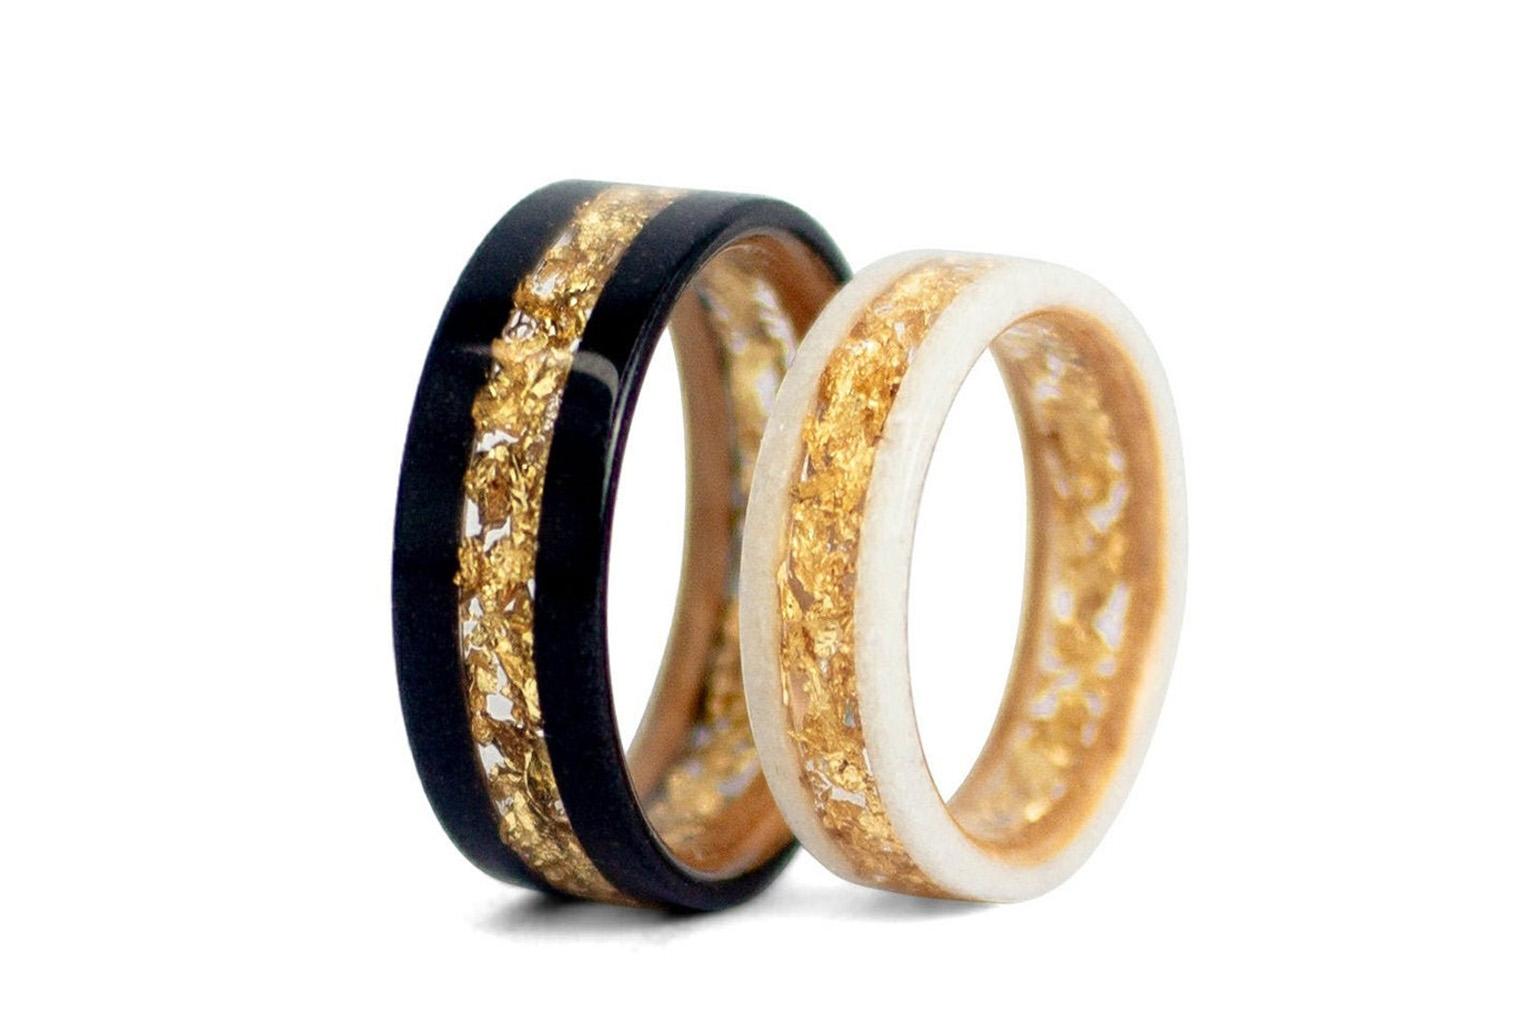 Anillos de pedida blanco y negro, con incrustaciones de oro en el centro.